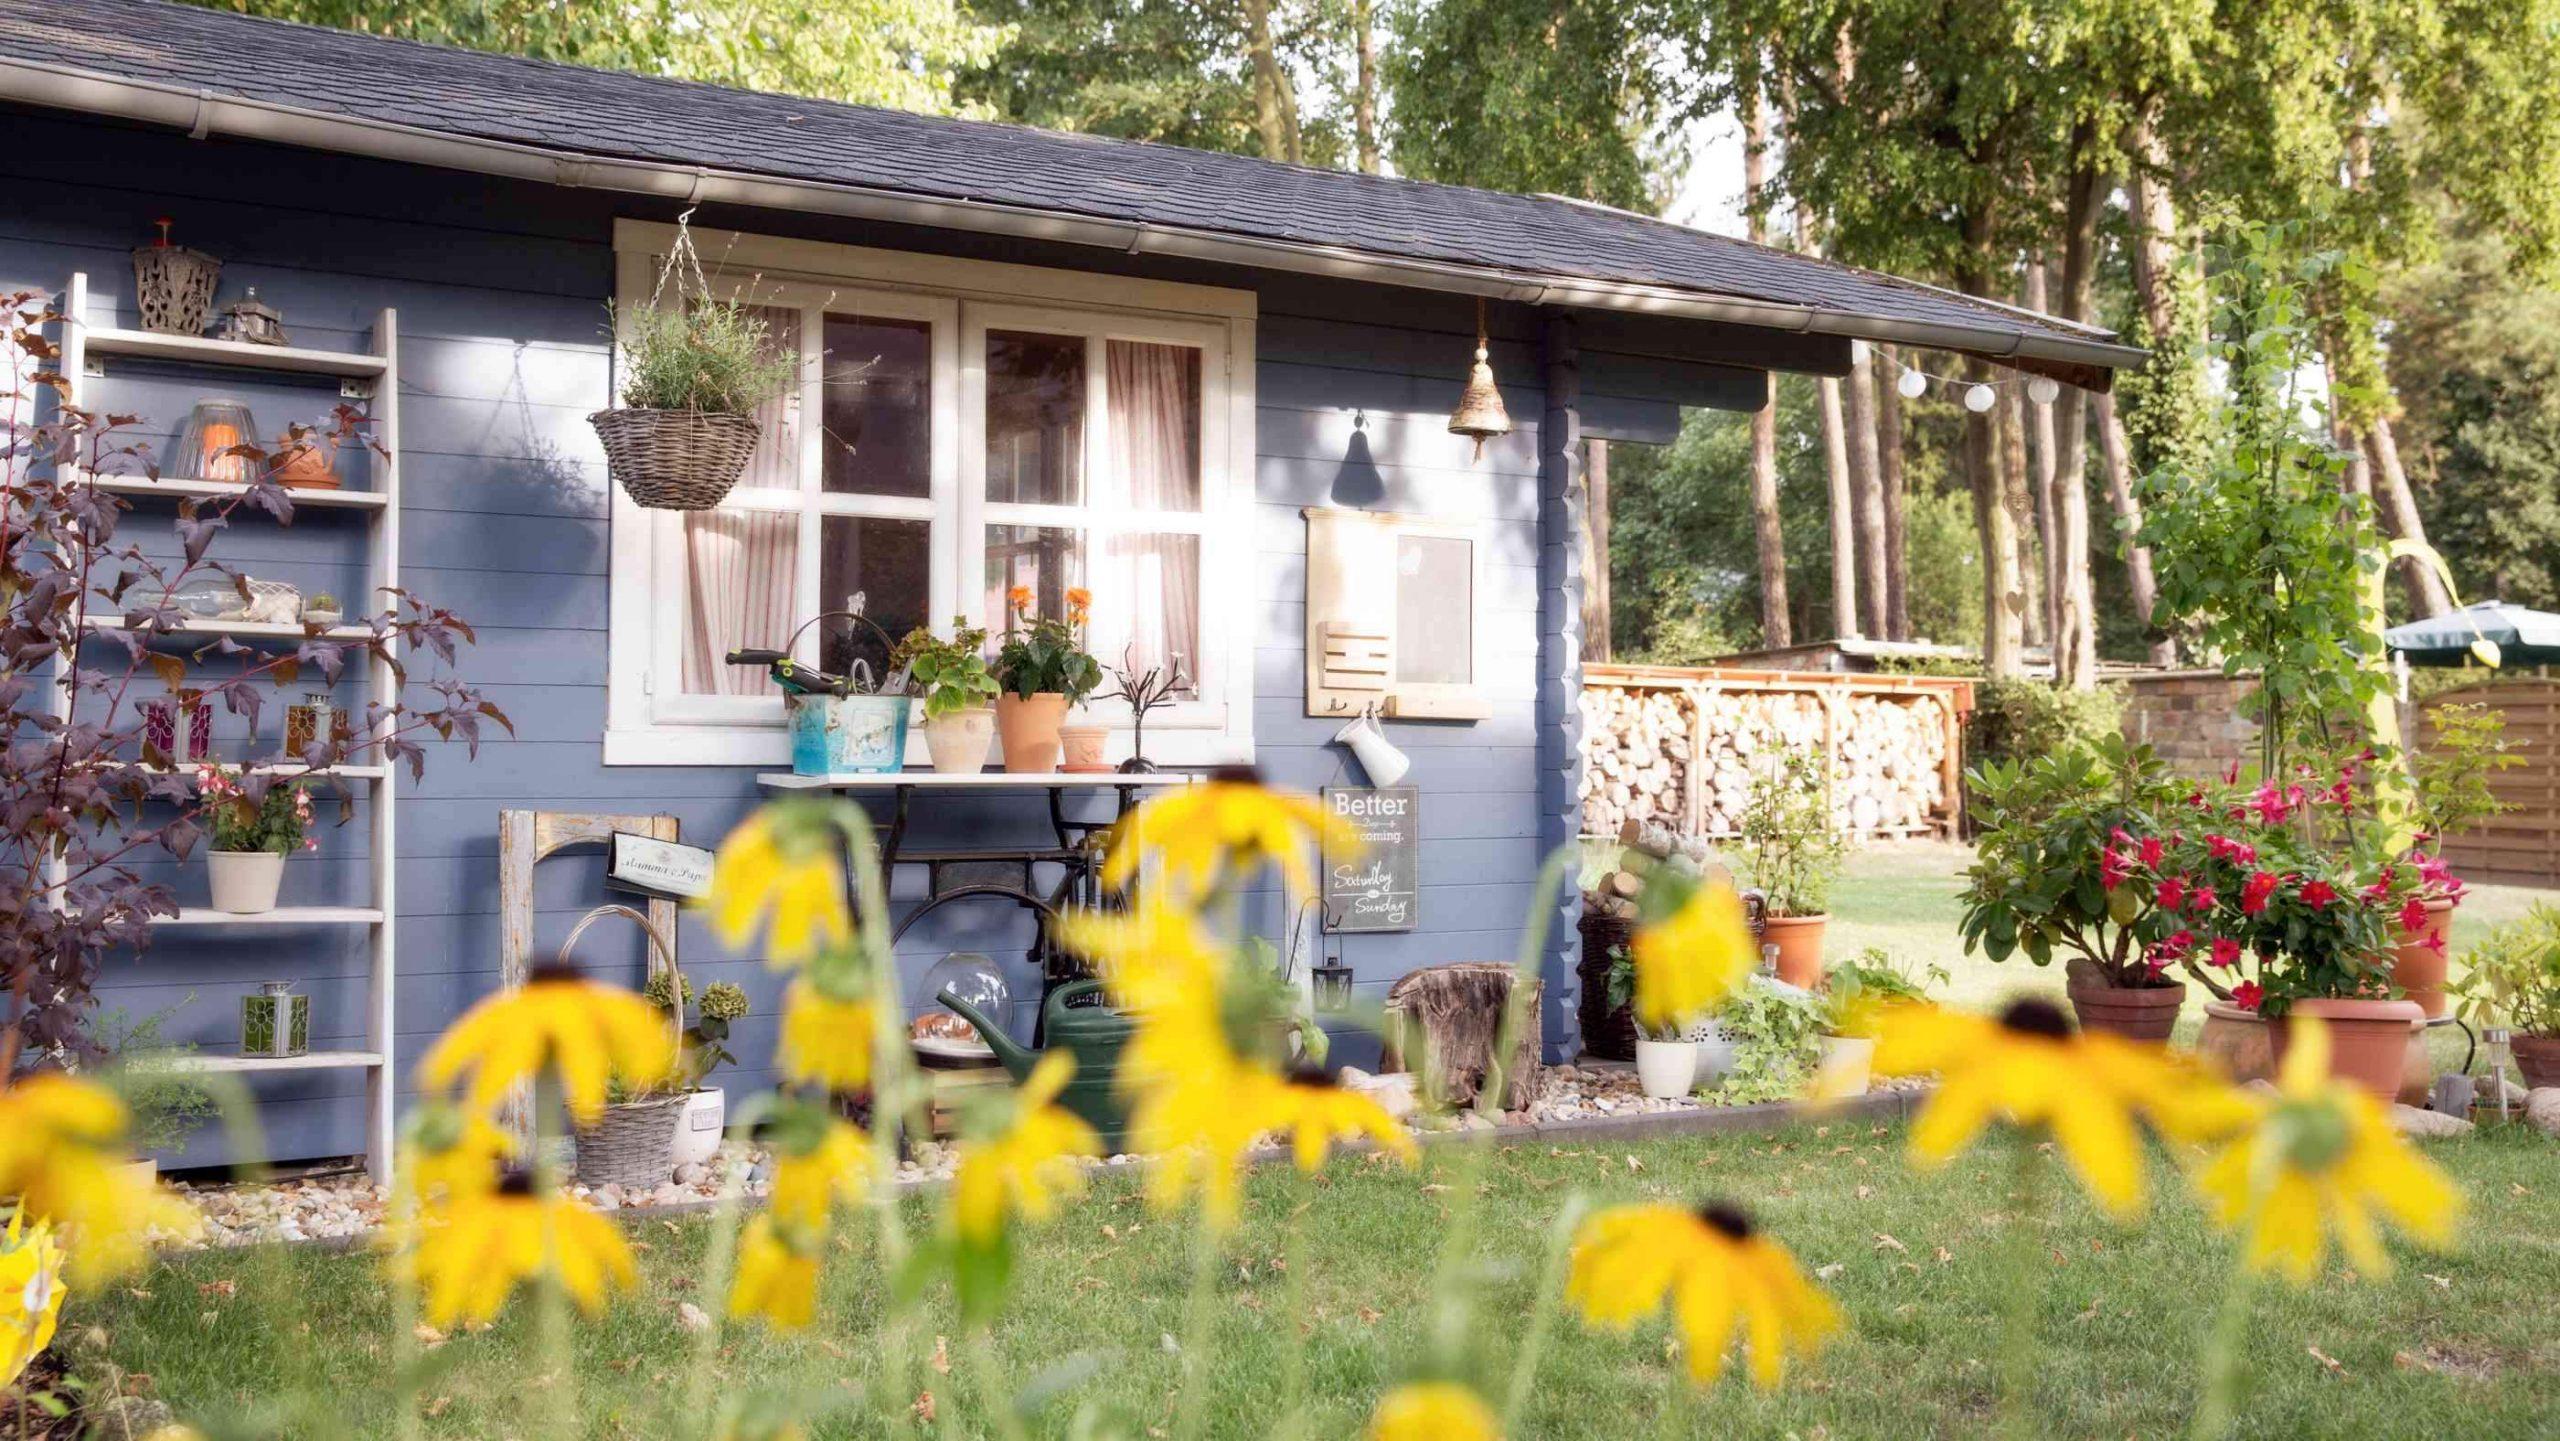 Garten Gartenhaus Blumen content 1400x788 2x